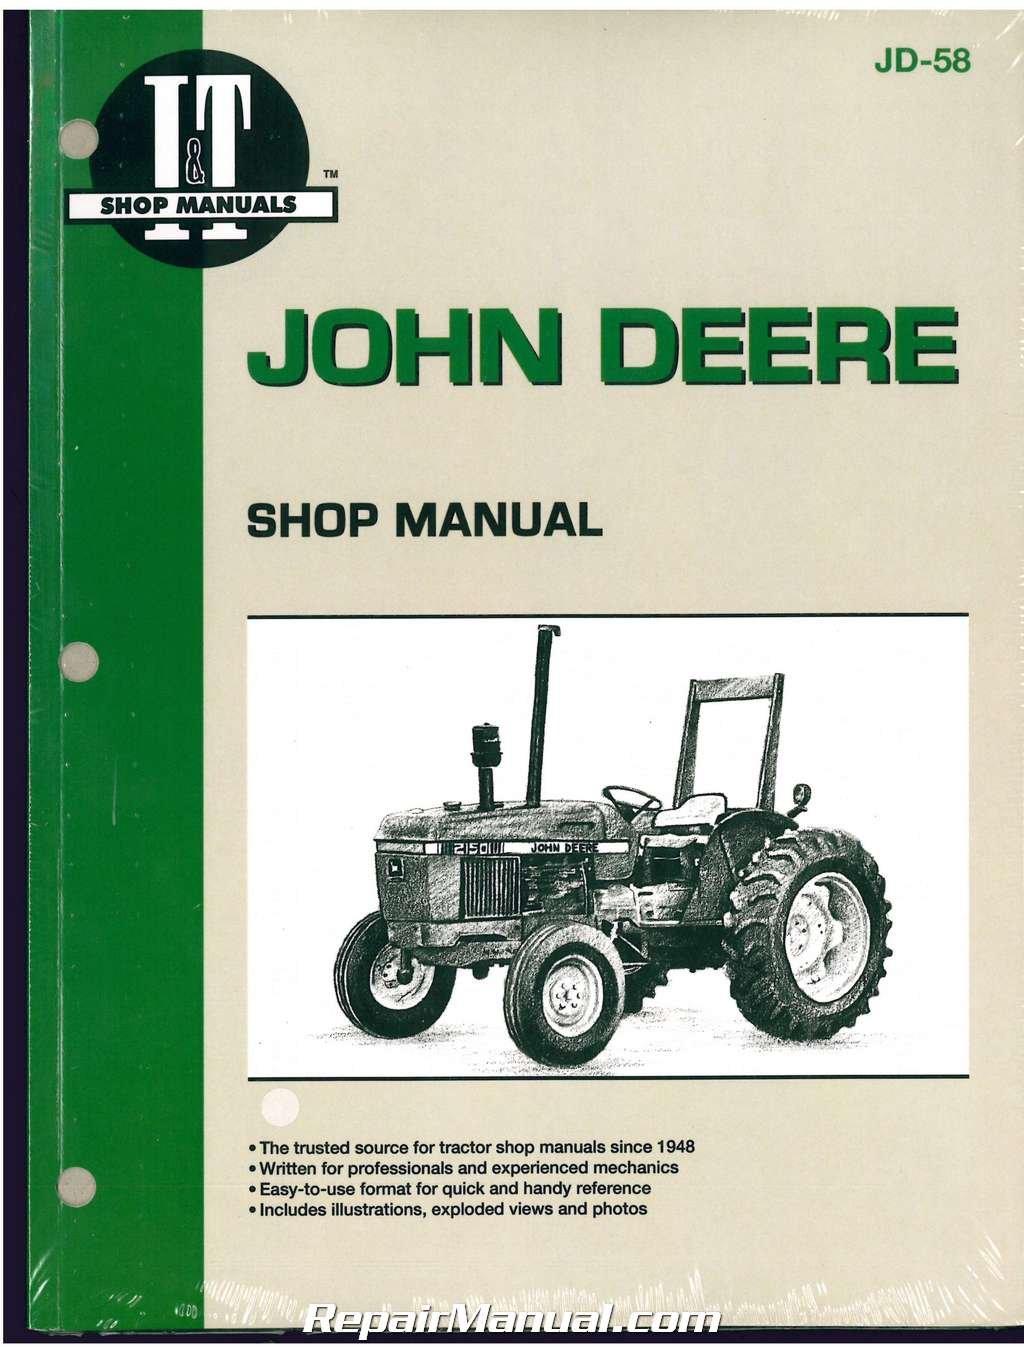 John Deere 2550 Wiring Diagram Library Kubota 2555 Tractor Workshop Manual Manufacturer Amazon